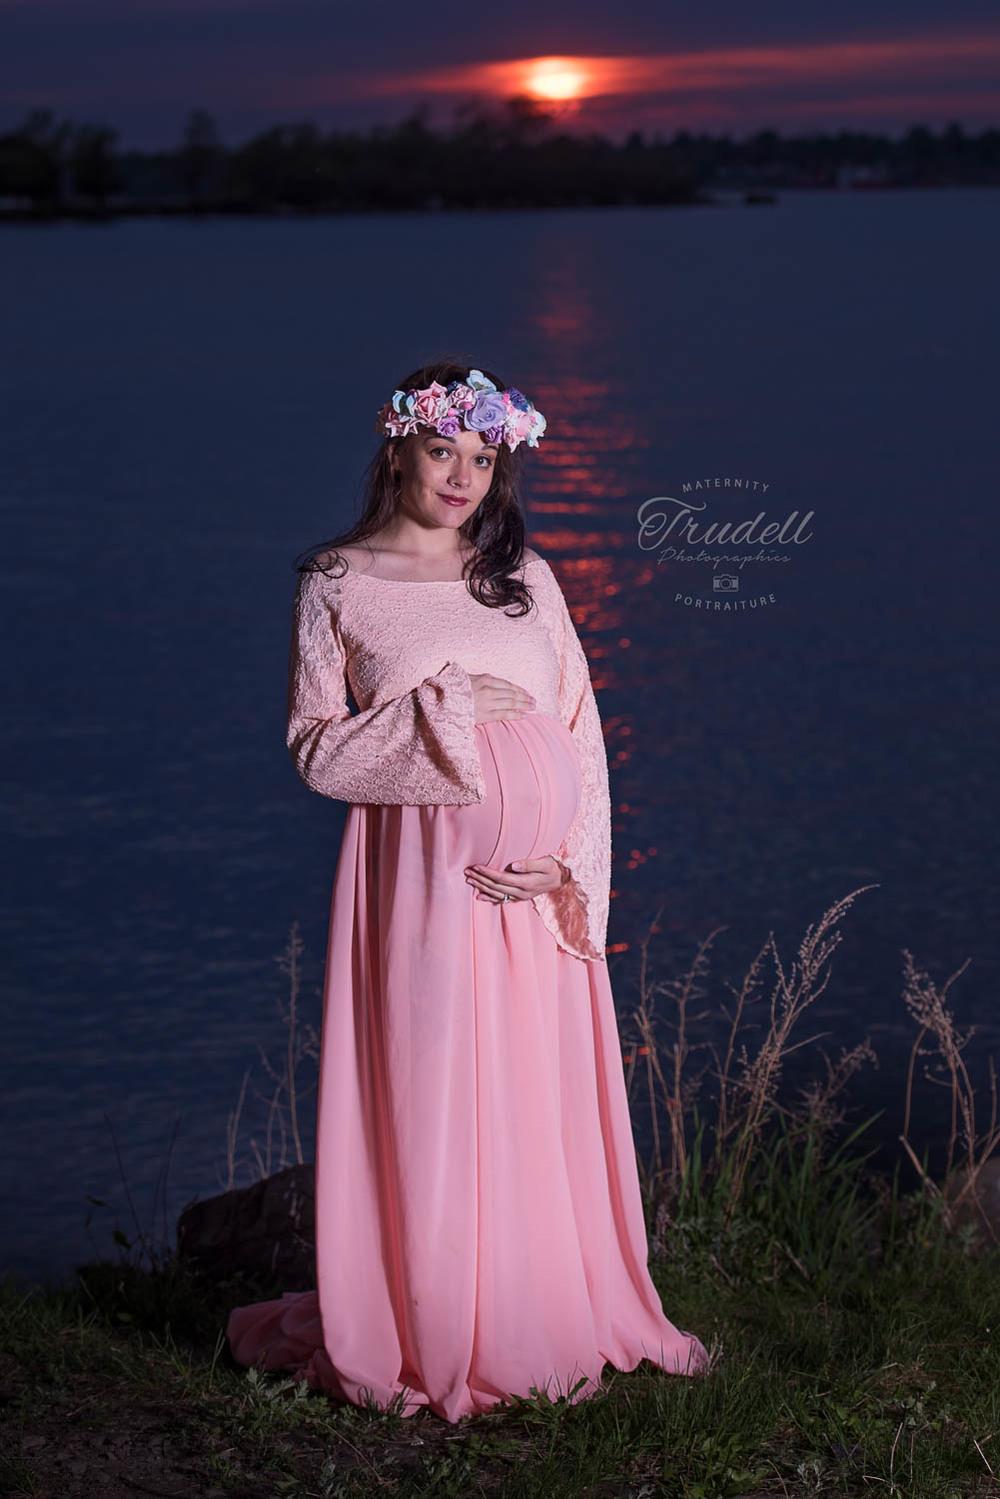 Alysha Maternity Watermarked Blog-18.jpg